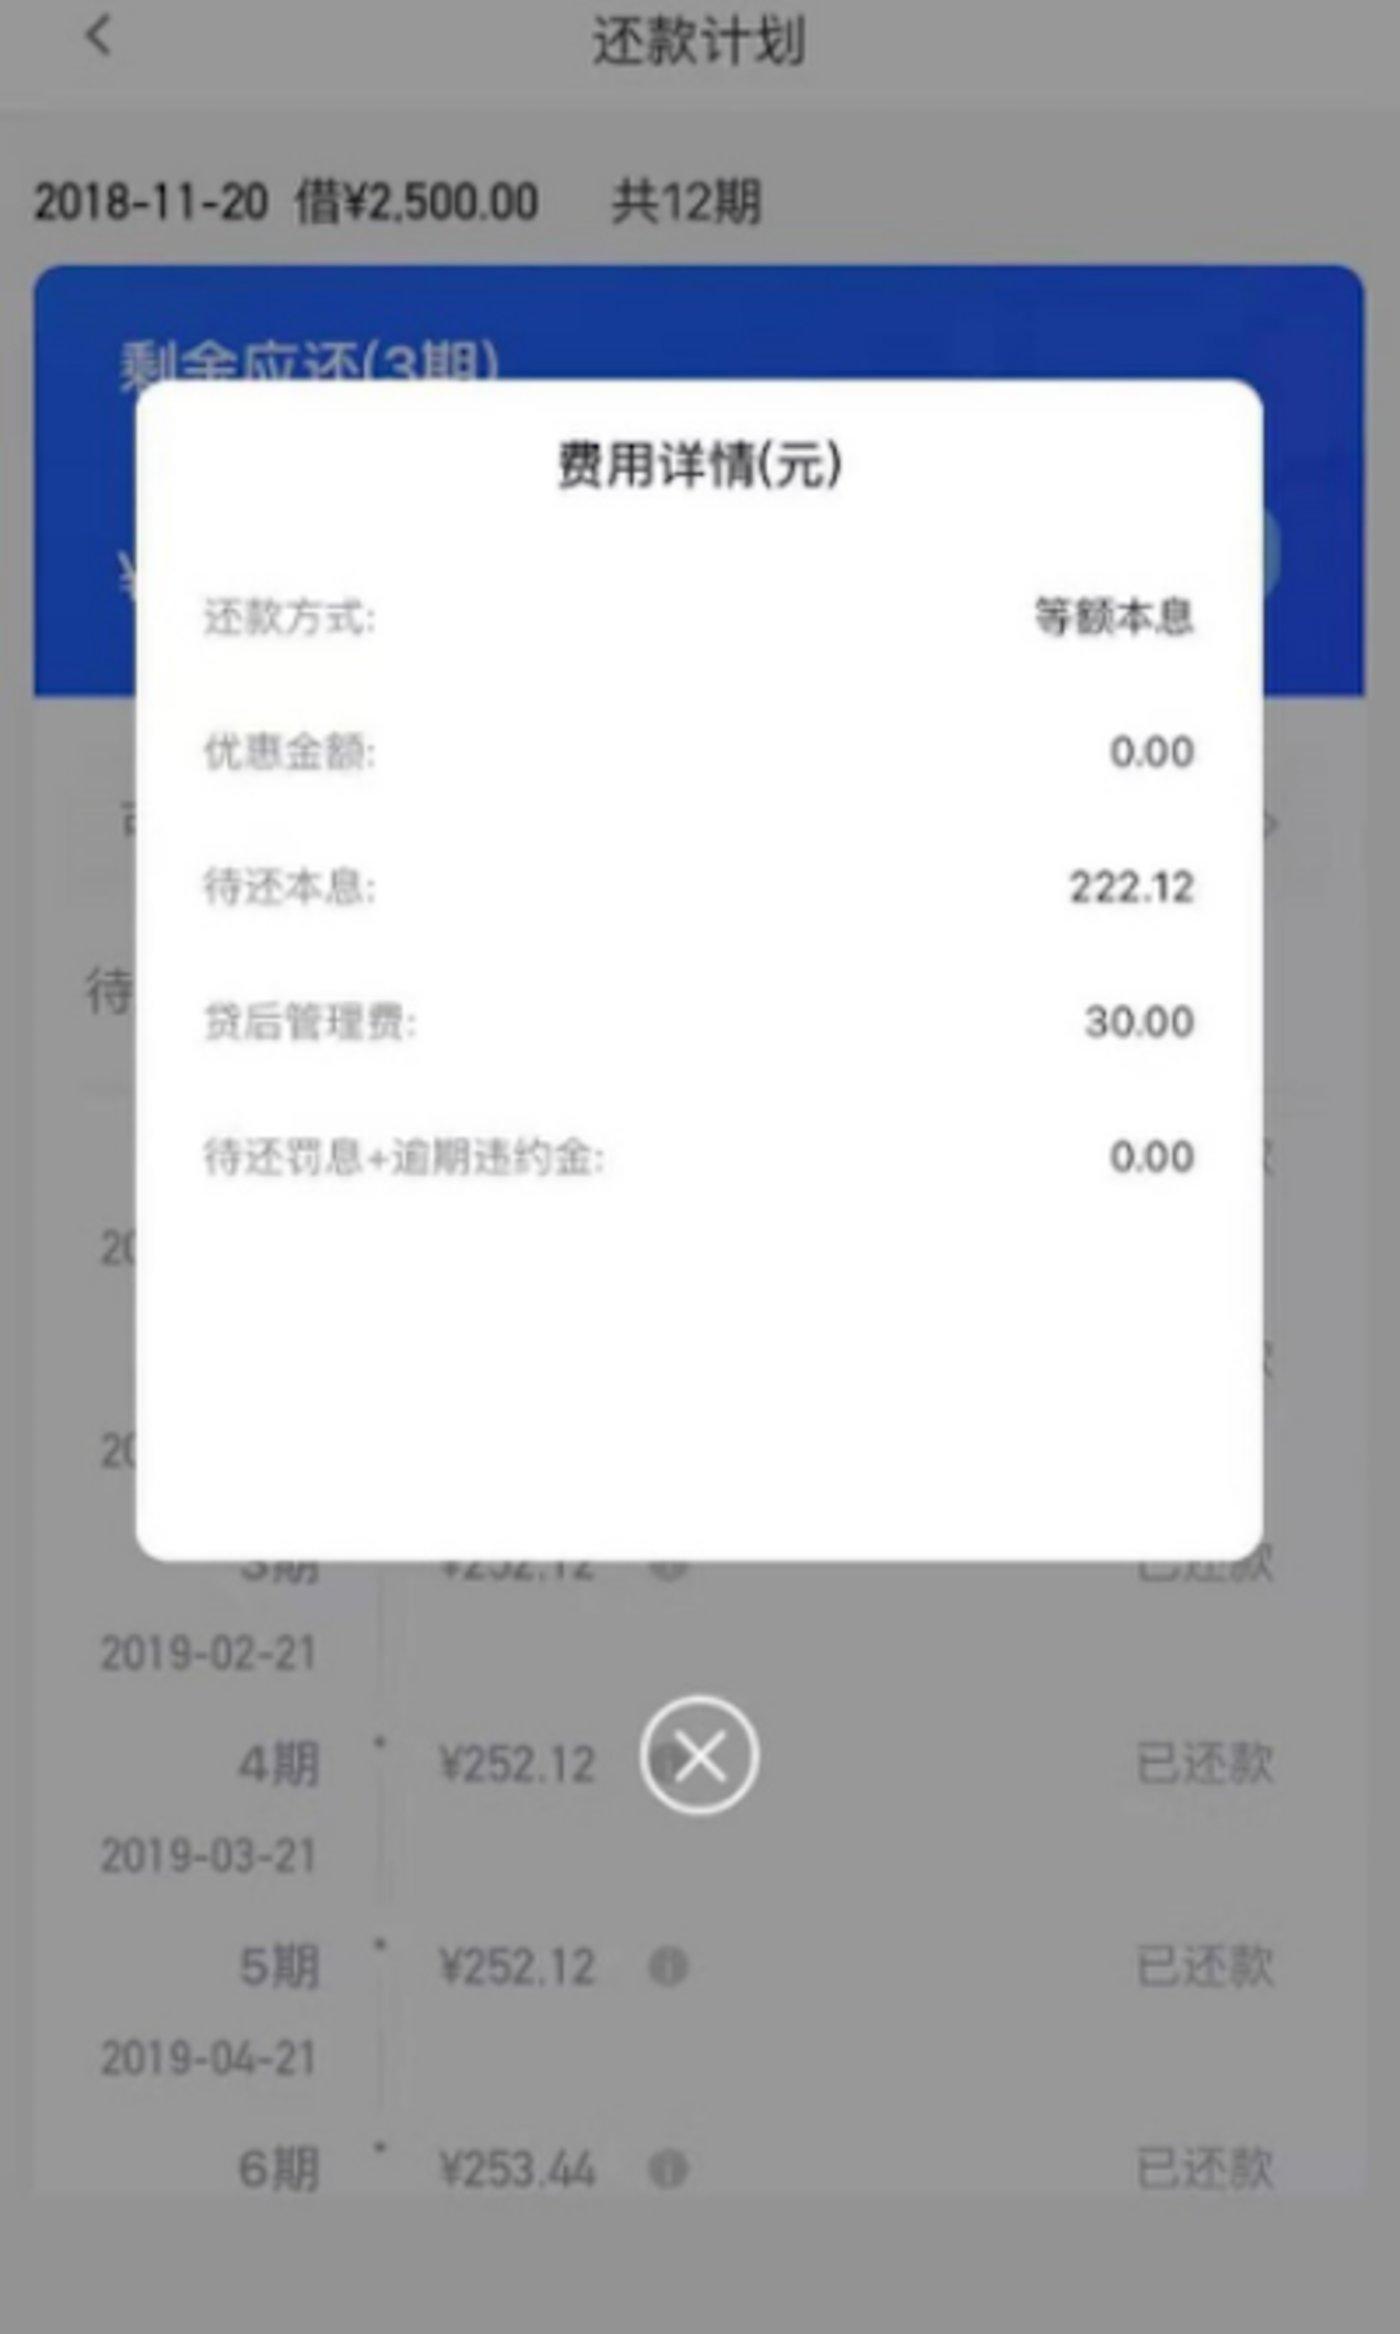 凤凰vip彩票是骗子吗·美军售客户排名台湾闹乌龙 现不可能有美军售国家